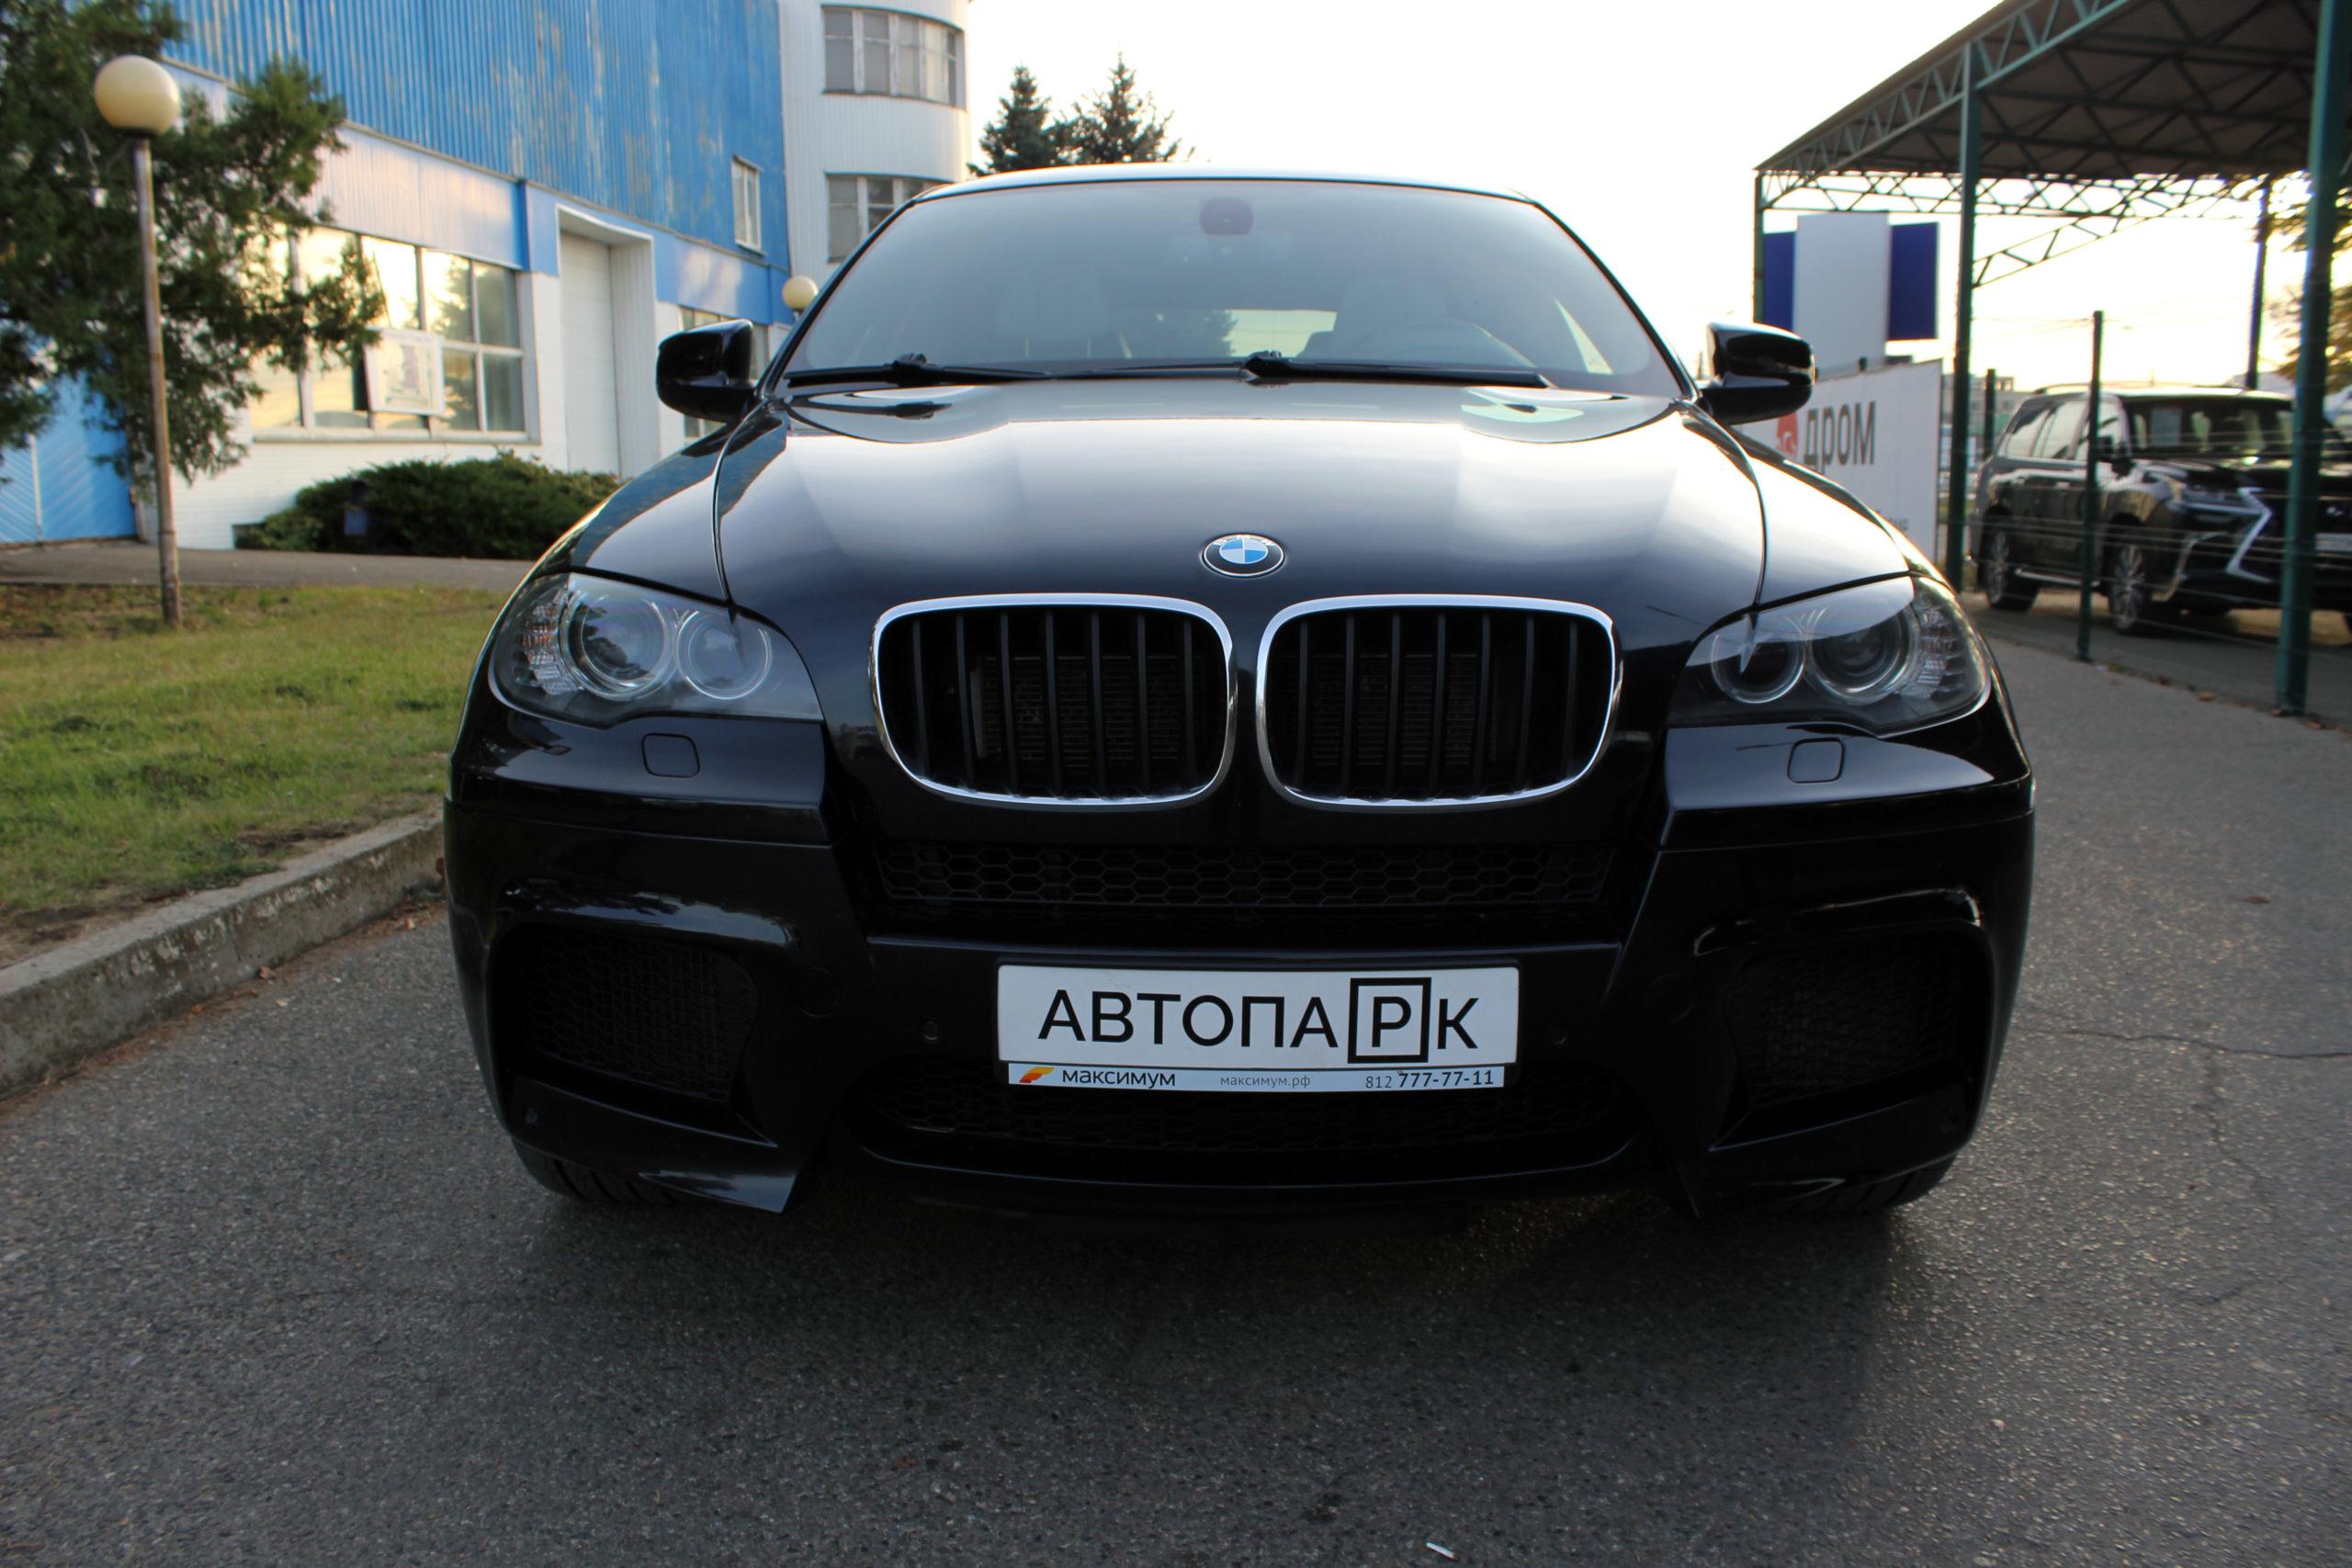 Купить BMW X6 M (Синий) - Автопарк Ставрополь